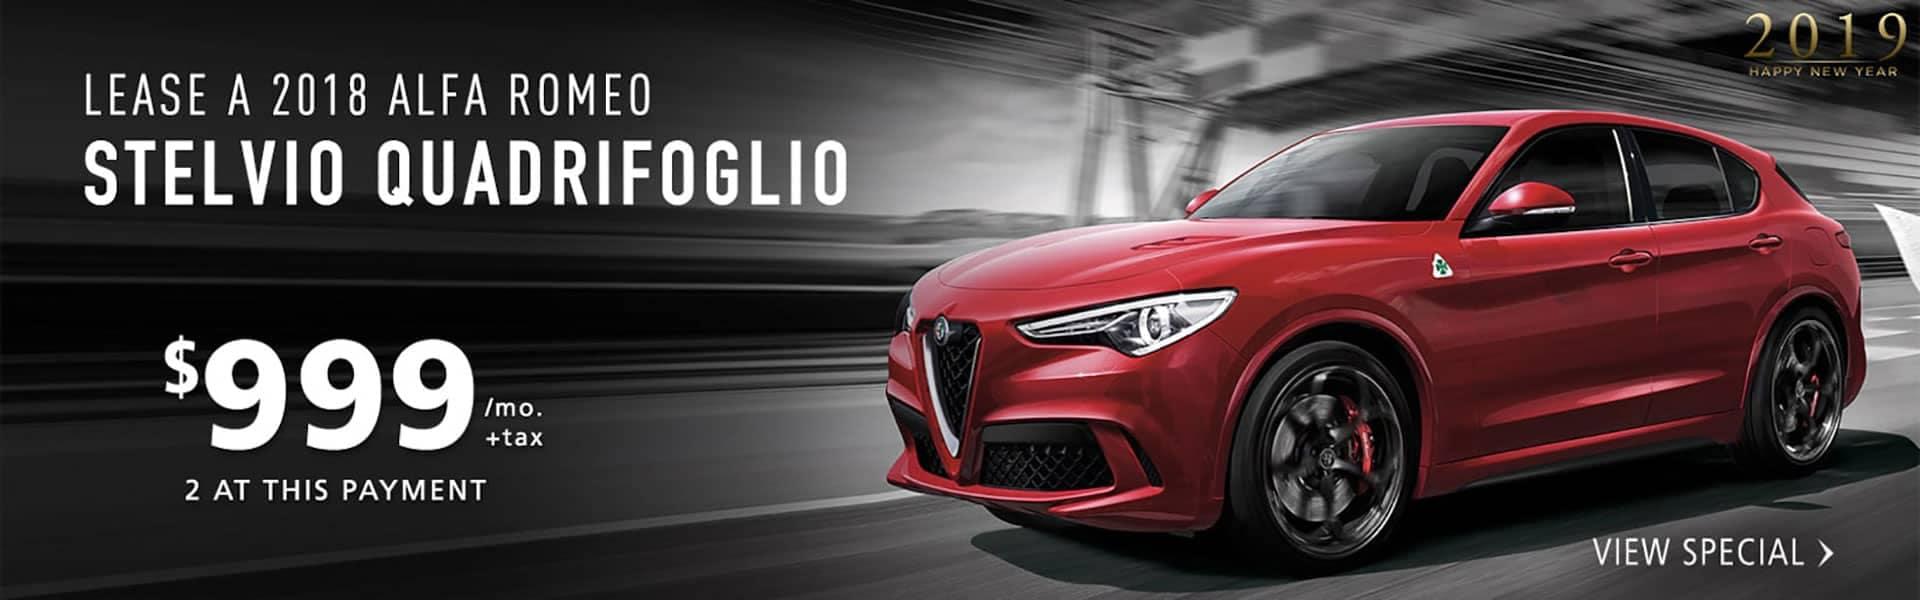 Slider-2018-Alfa-Romeo-Stelvio-Quadrifoglio